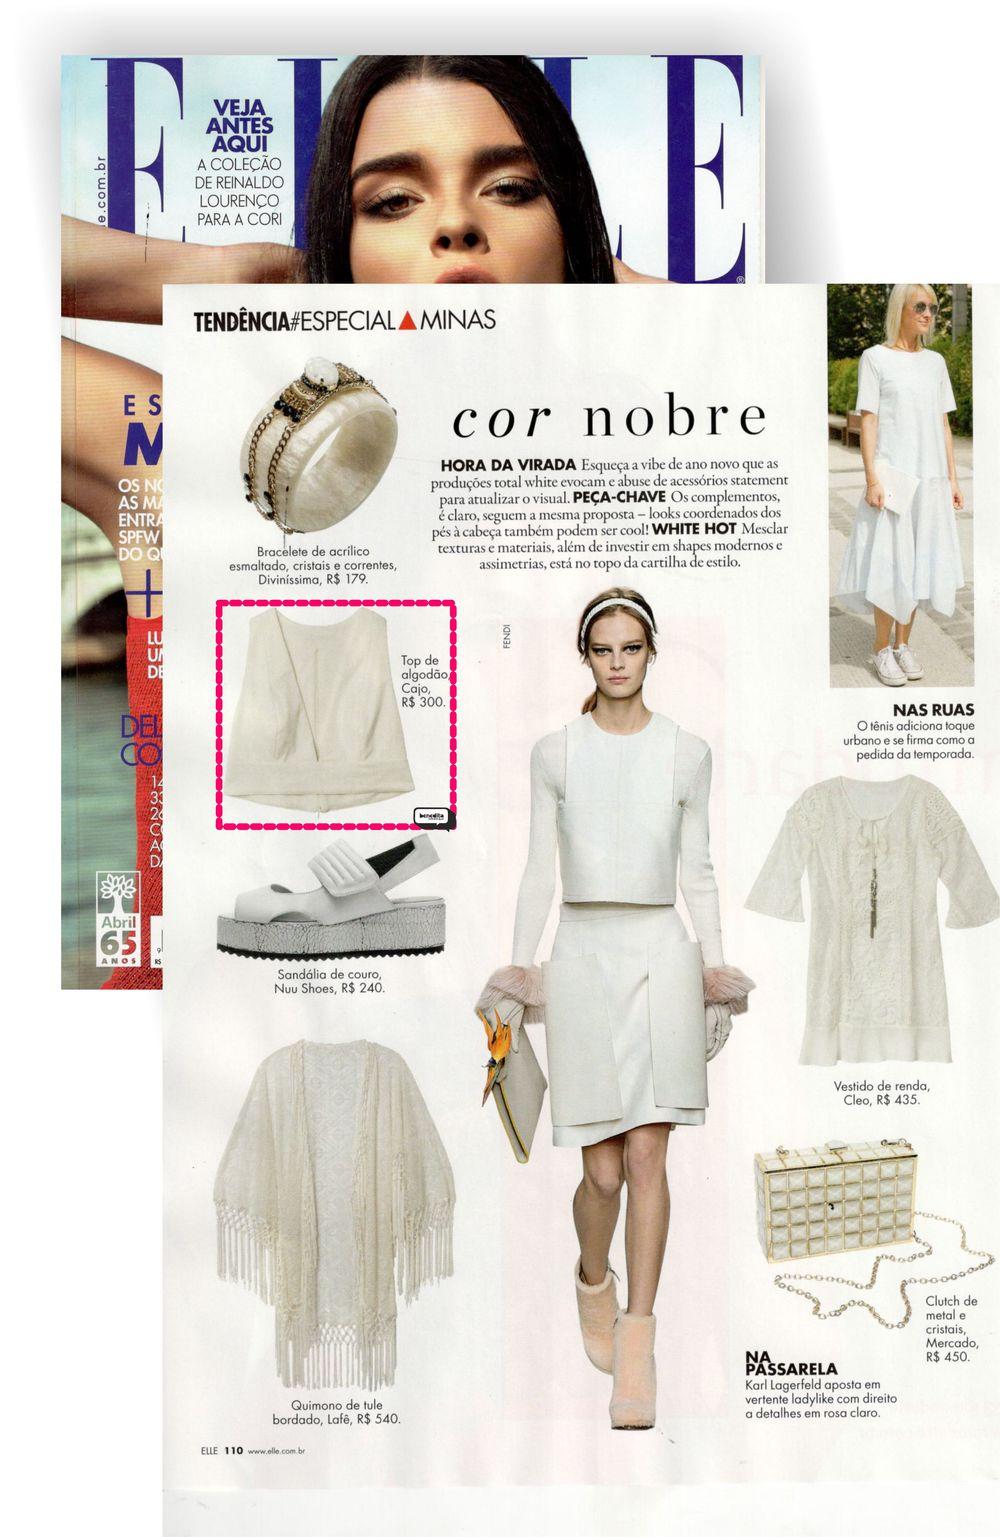 Cajo - Revista Elle - Edição especial Minas - Agosto de 2015.jpg